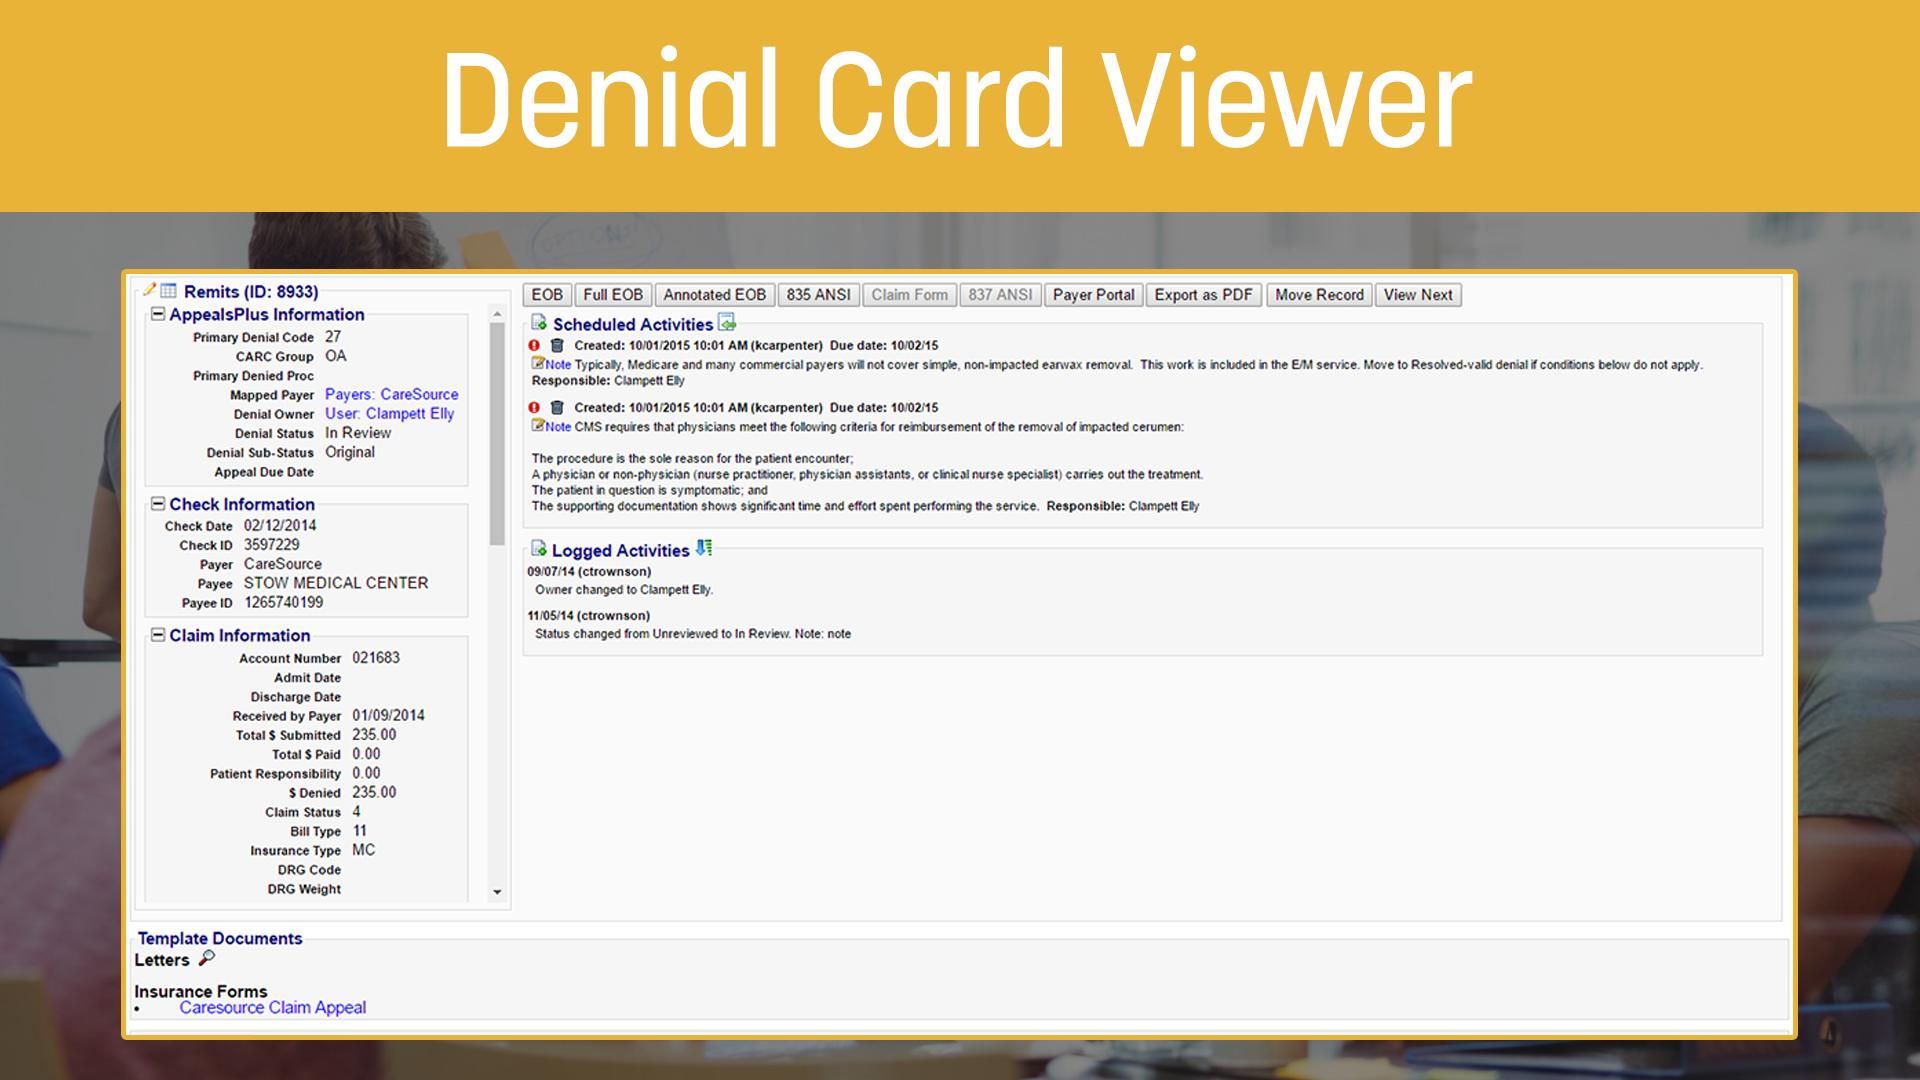 Denial Card Viewer